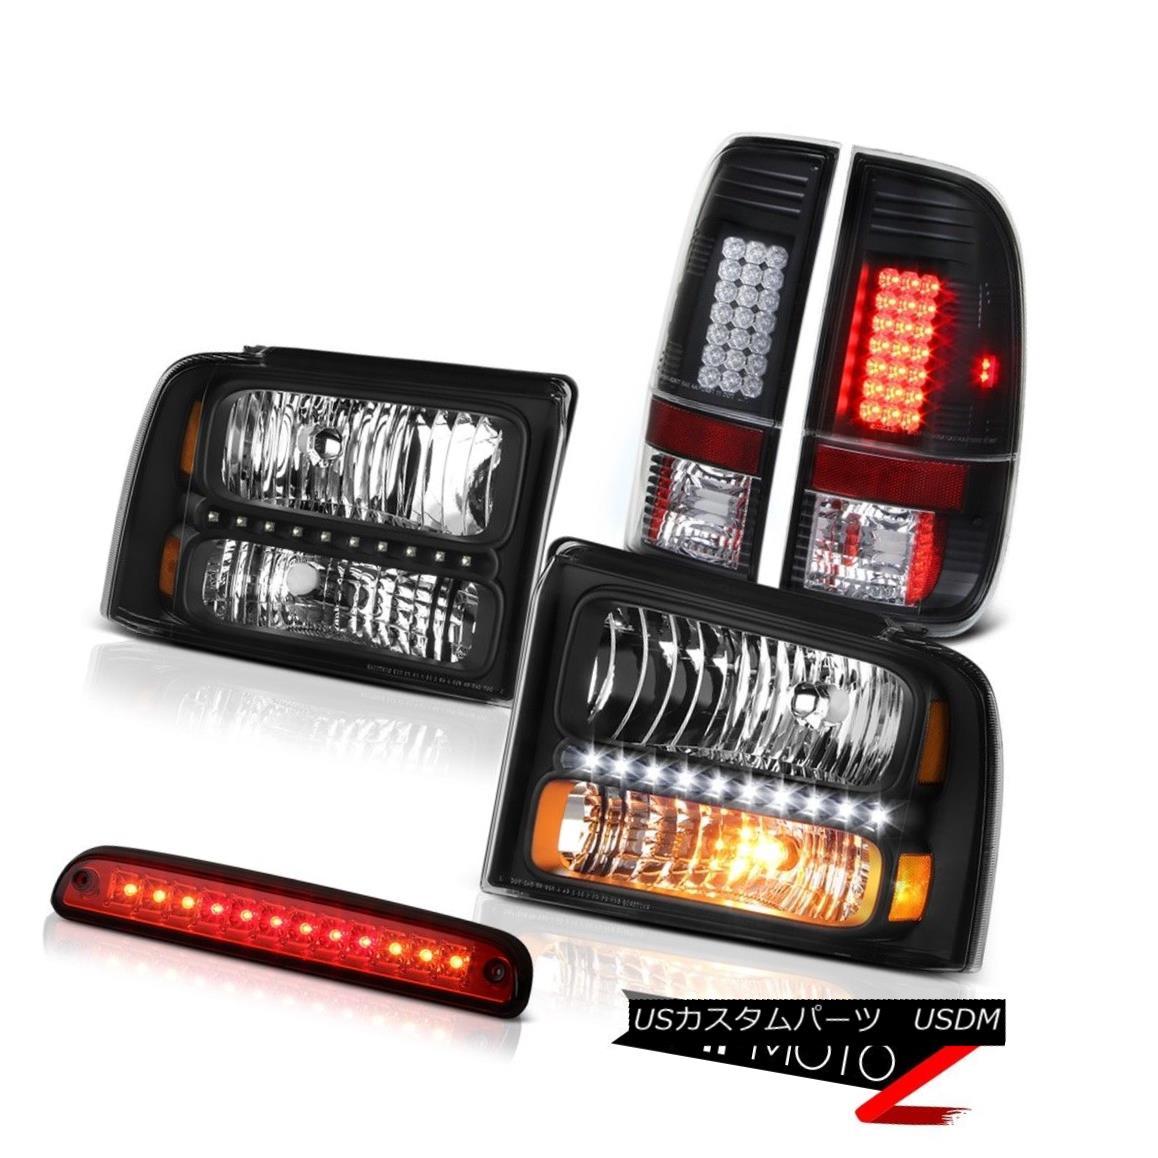 ヘッドライト 2005 2006 2007 Ford F350 SD Black Headlamps LED Bulbs Tail Lamps Roof Brake Red 2005 2006 2007 Ford F350 SDブラックヘッドランプLED電球テールランプ屋根ブレーキレッド